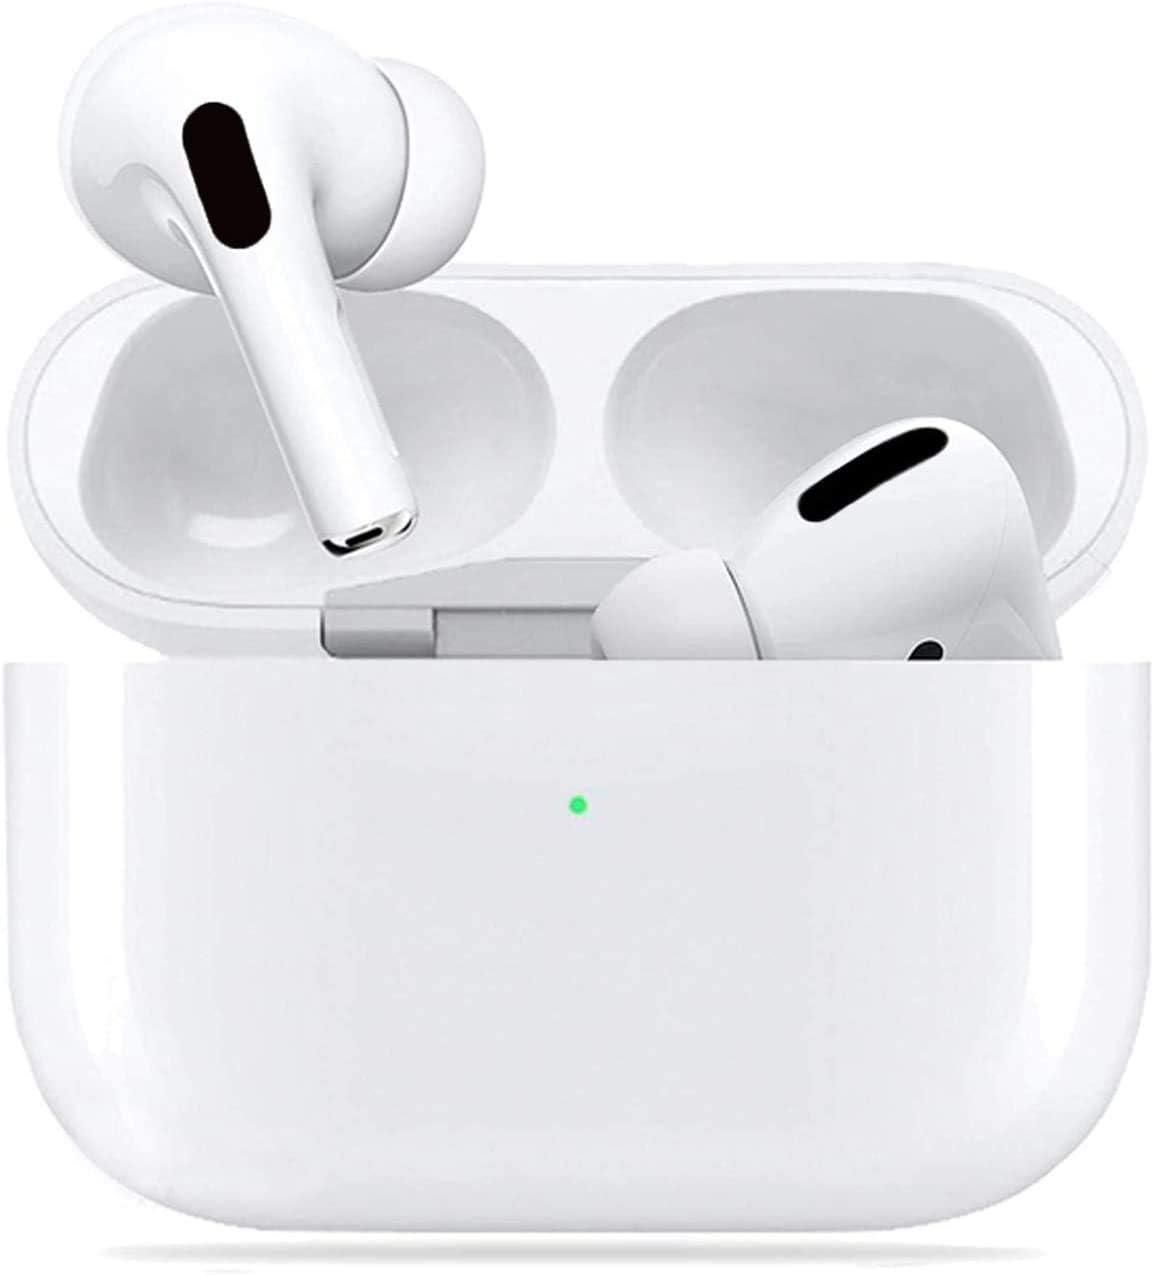 Auriculares Inalámbricos, Auriculares TWS Bluetooth 5.0 con microfono,HiFi Estéreo,Cancelación de Ruido,IPX7Impermeable Auriculares Inalambricos Deportivos para iPhone/Android/Samsung/Apple AirPodsPro